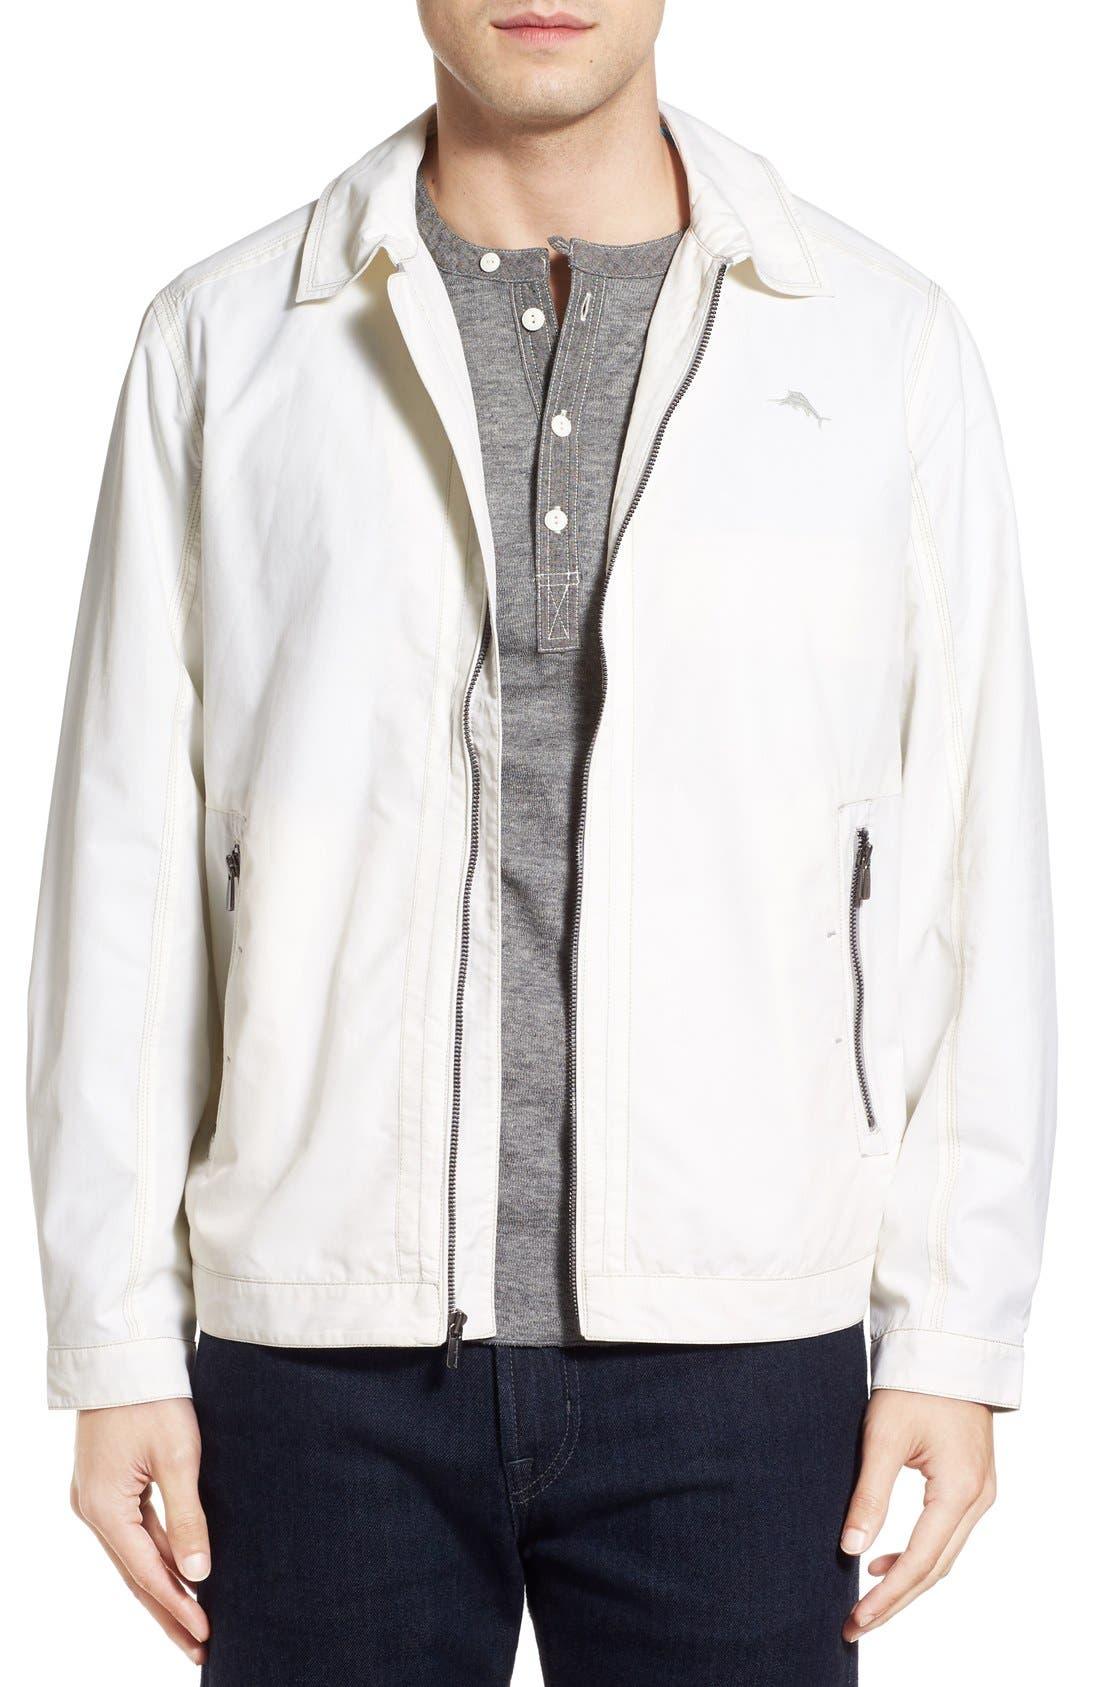 Tommy Bahama 'Cannes Cruiser' Jacket